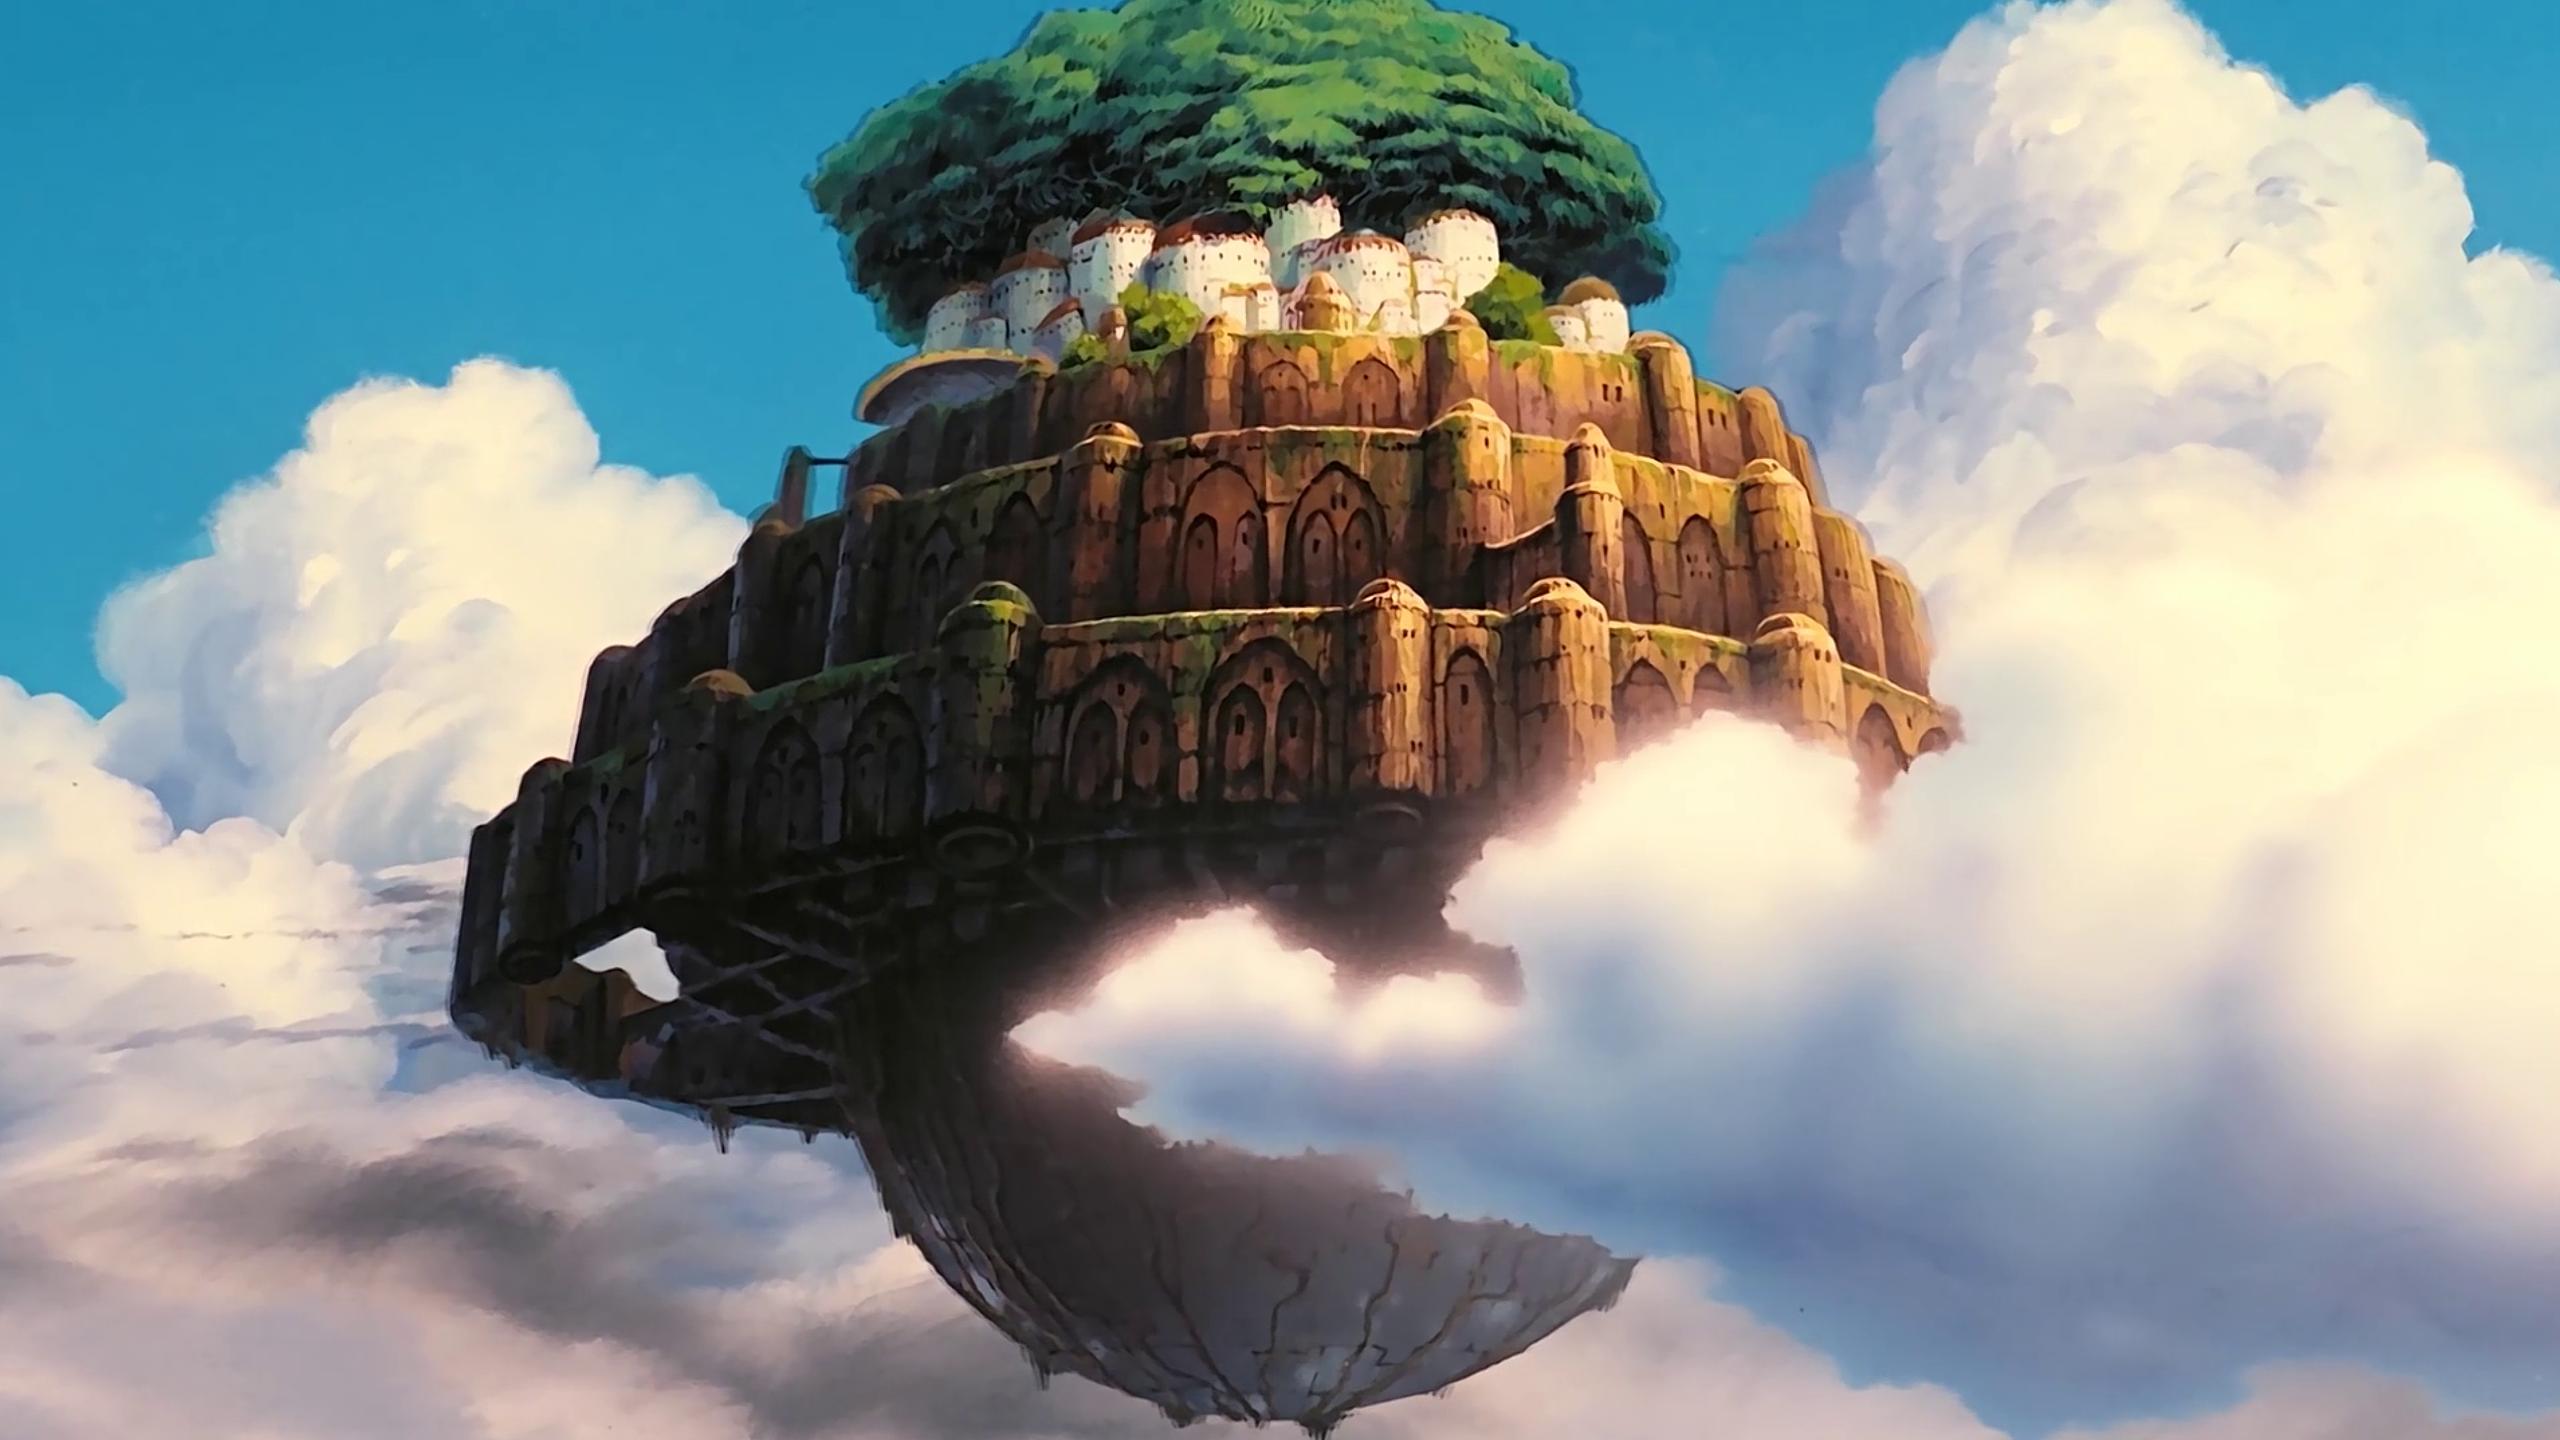 Wallpaper Studio Ghibli Anime Laputa Castle In The Sky